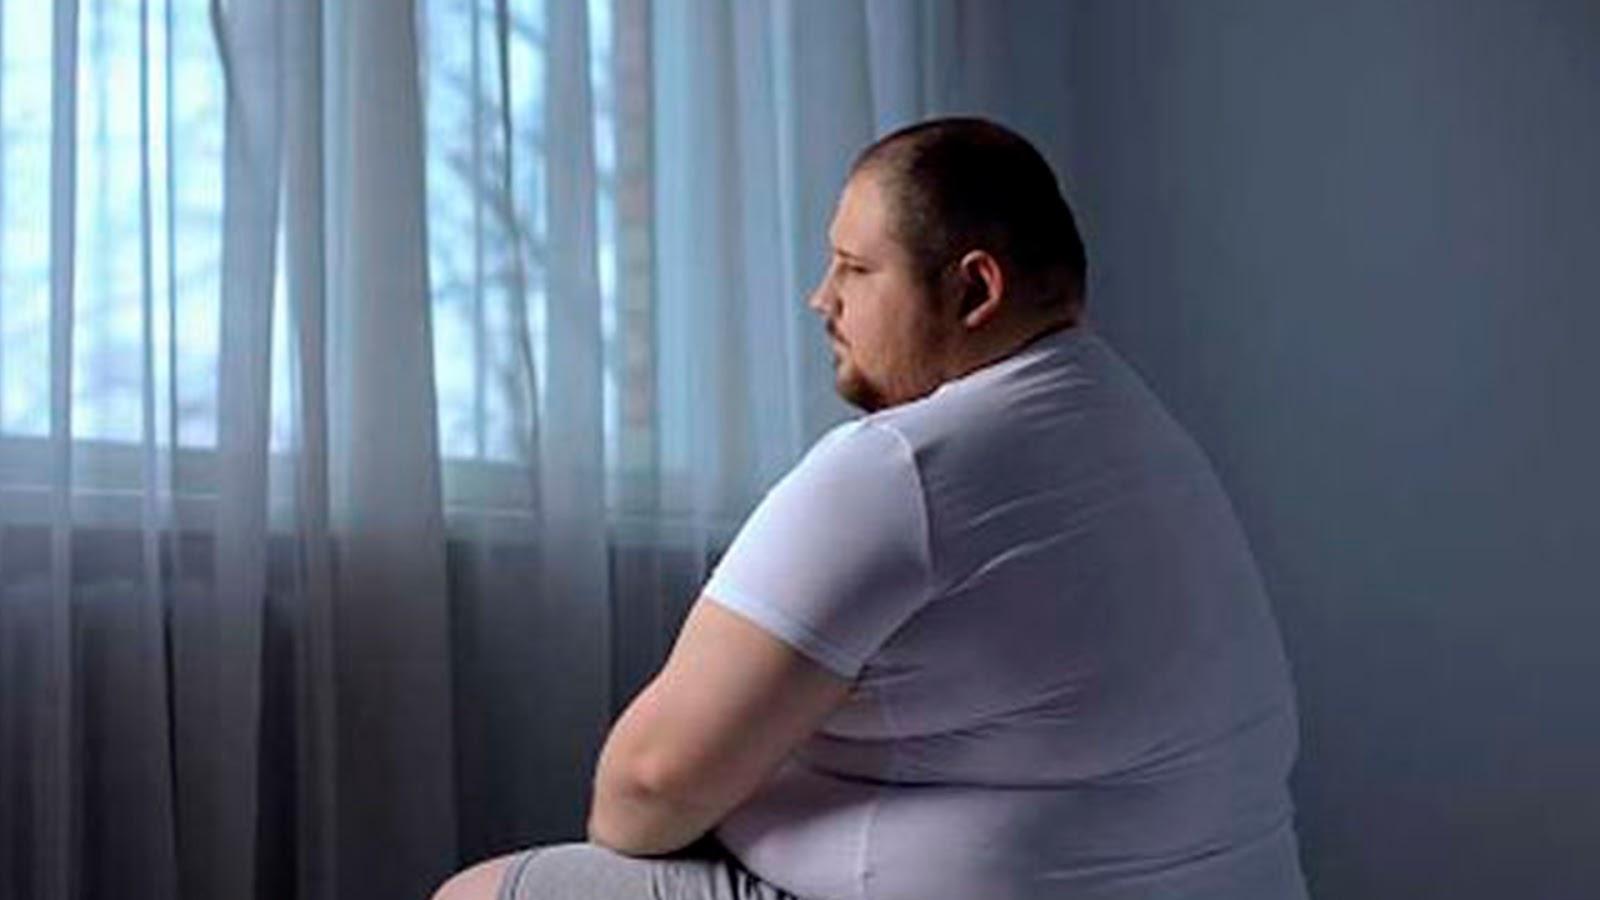 No tener intimidad te hace subir de peso, según estudio